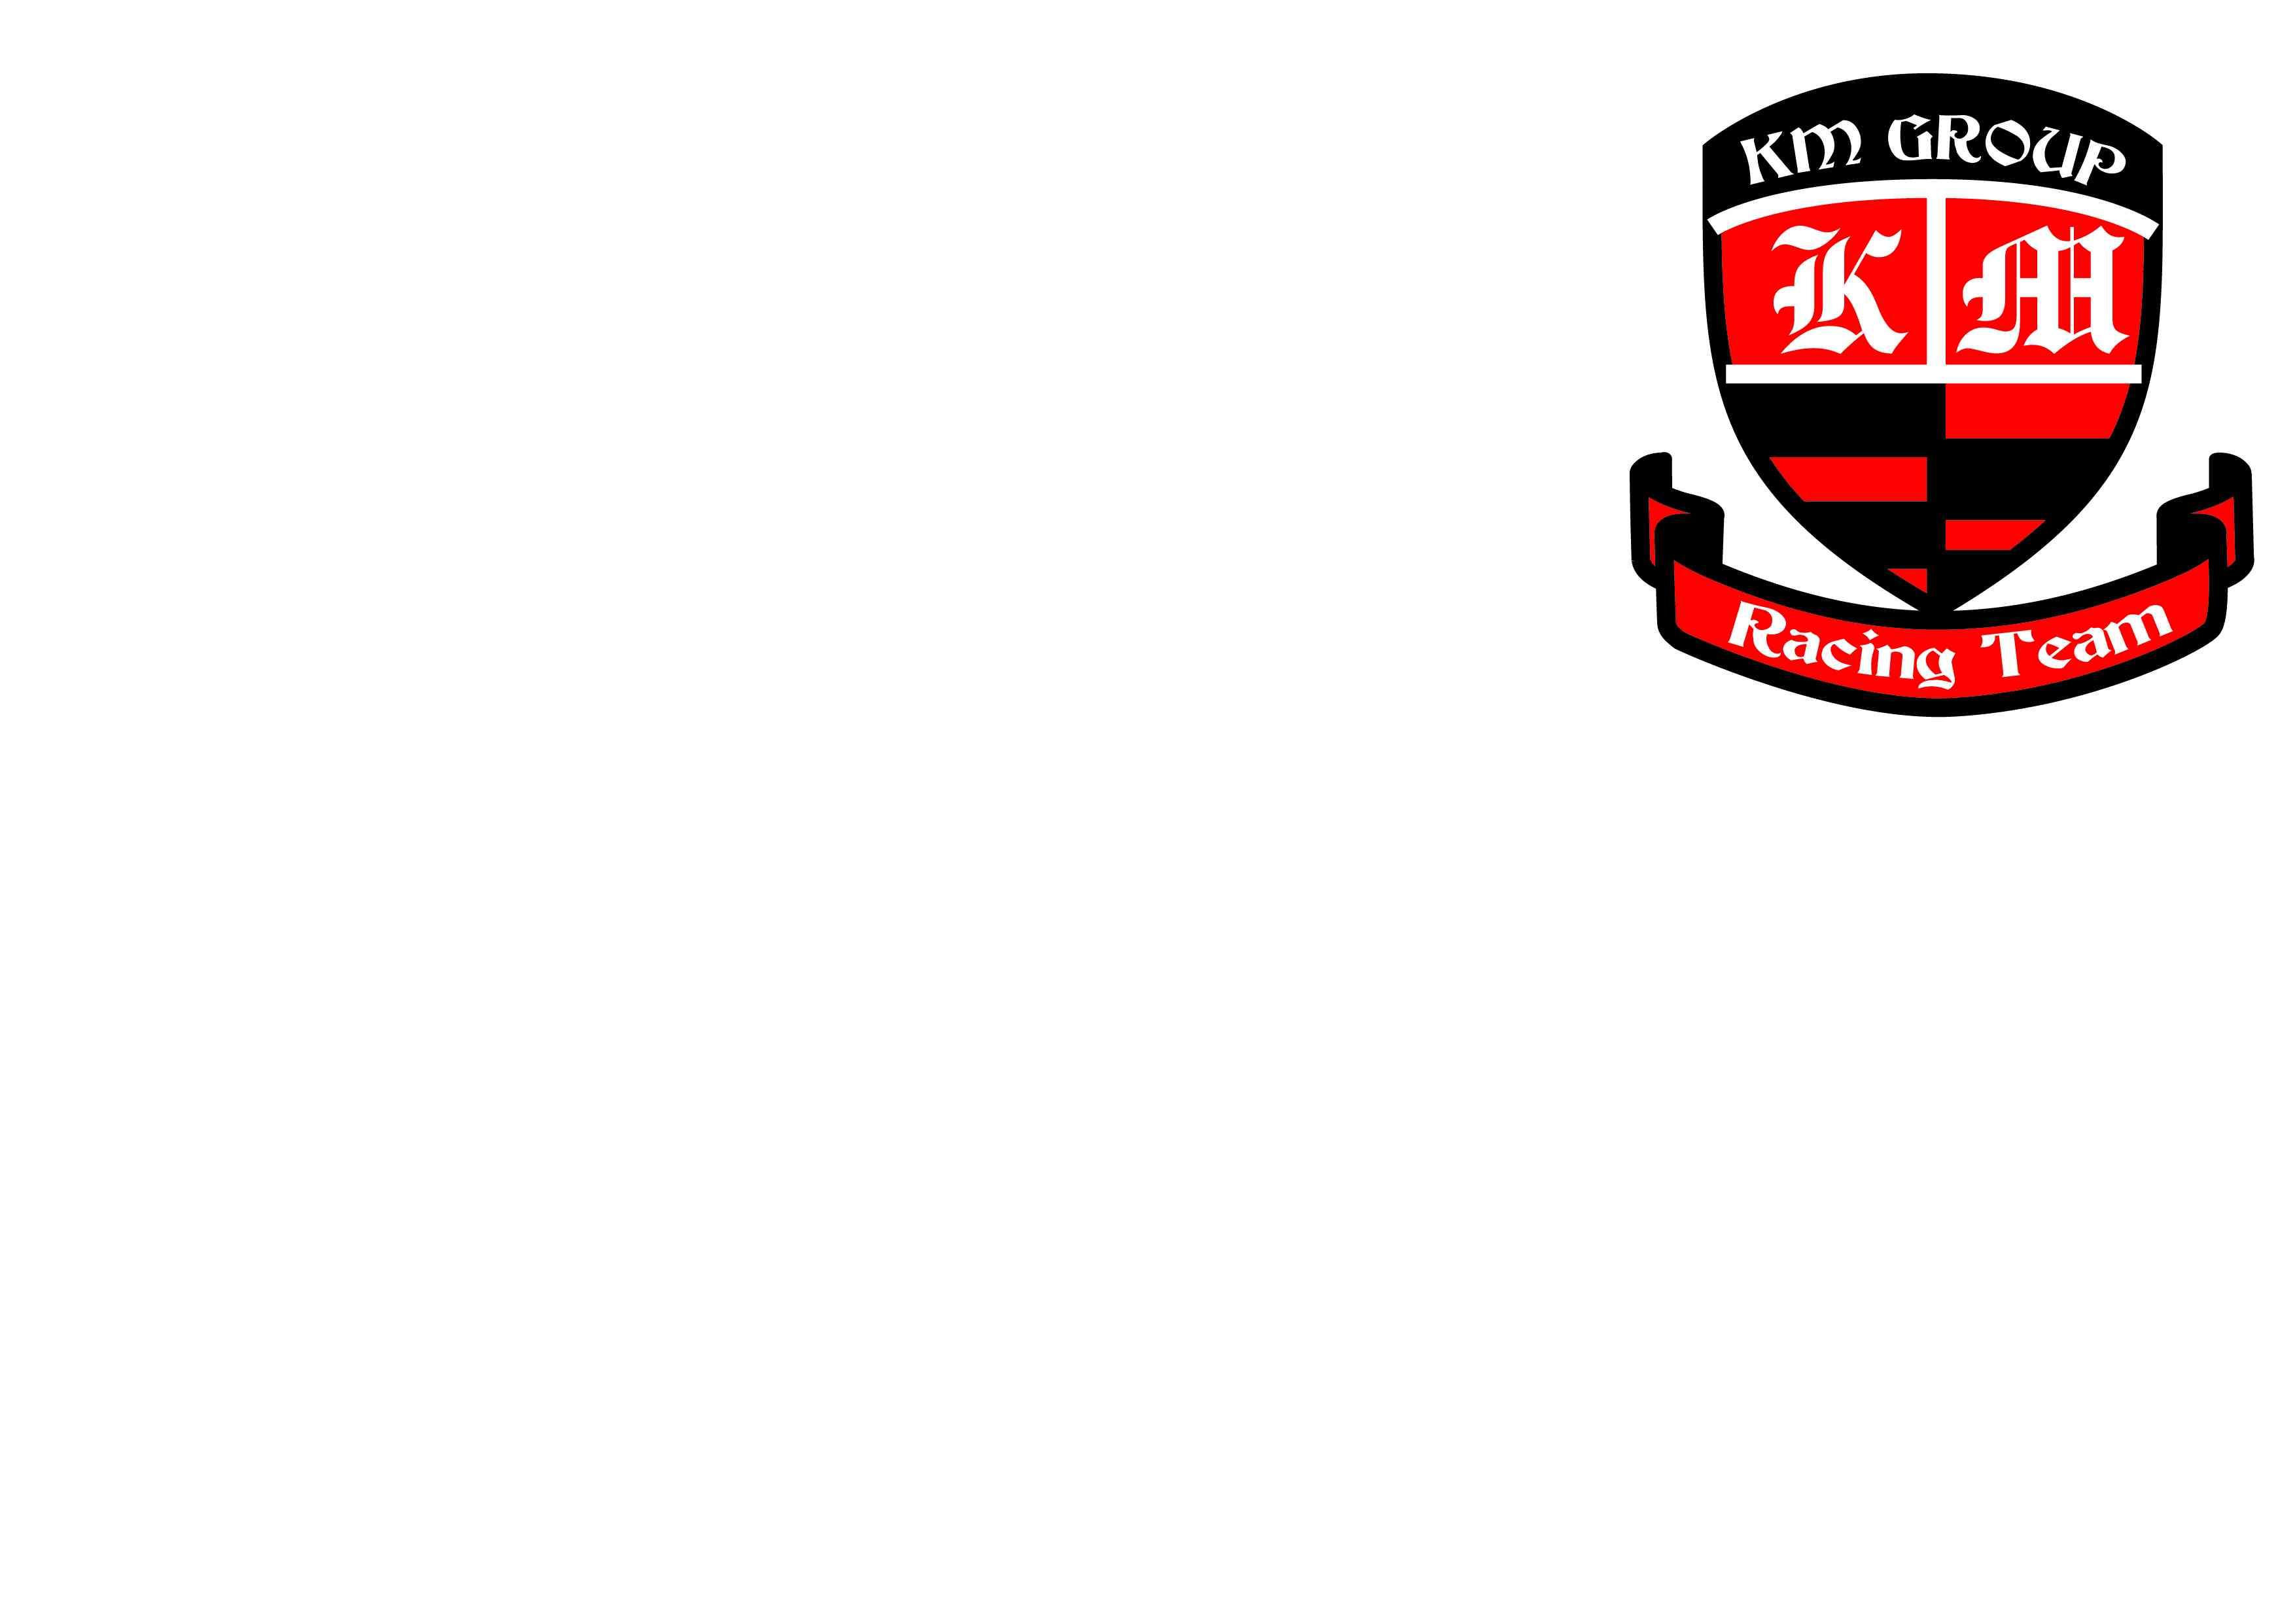 Racing Team Logos Racing team logo.psd